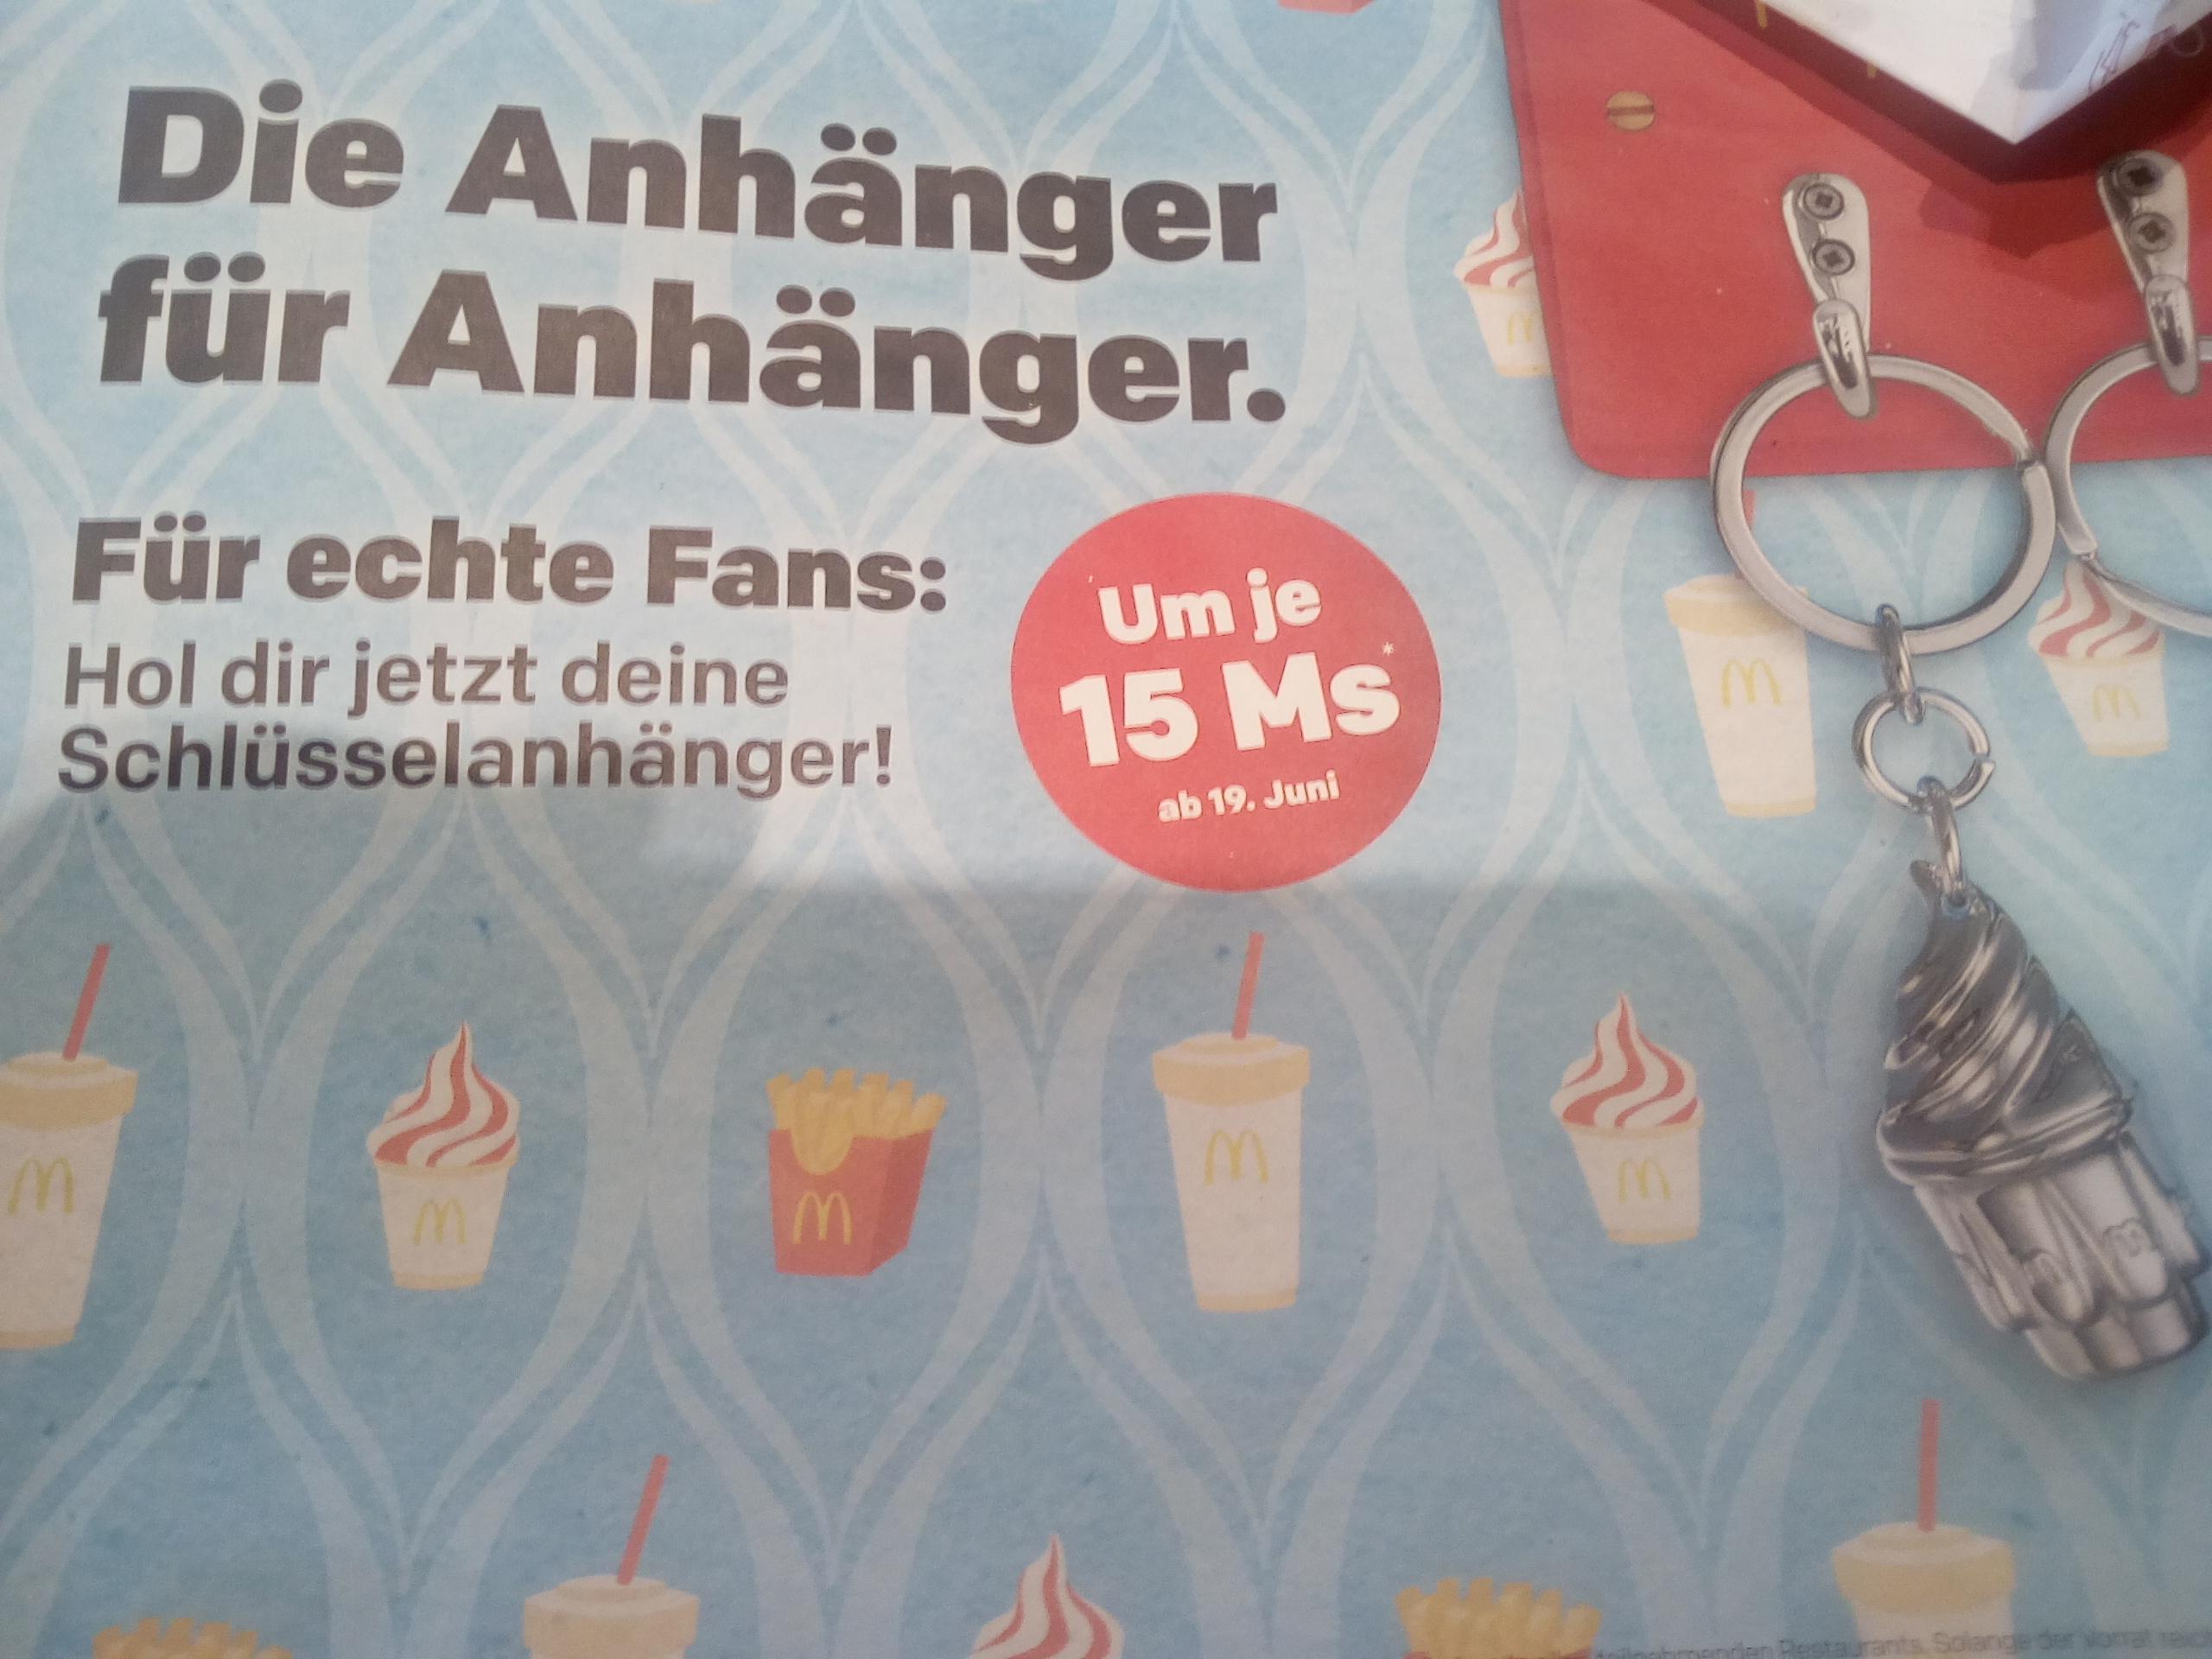 für McDonalds werben: um -15 Ms. Schlüsselanhänger ab 19. Juni